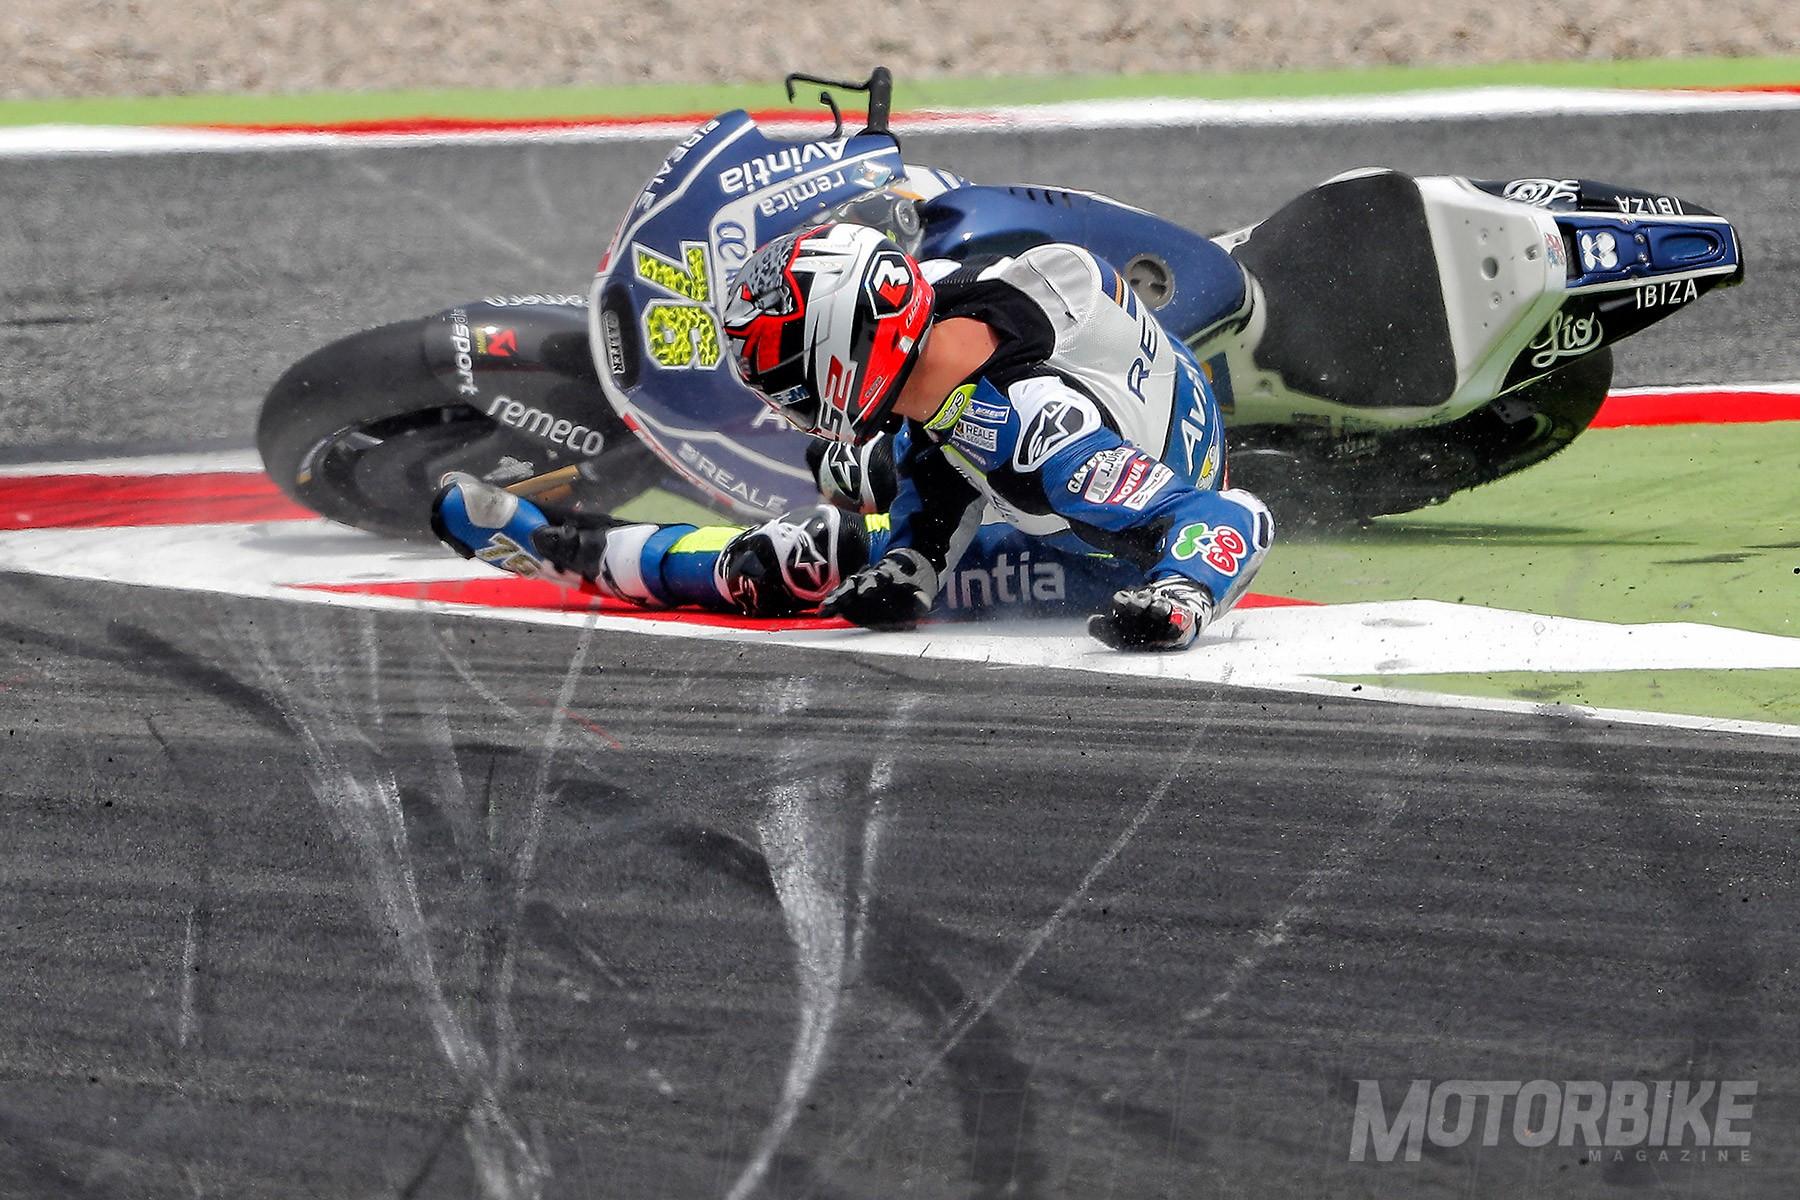 Esta imagen es un claro ejemplo de cómo, tras una caída las motos vuelven a pista, con el peligro que eso conlleva.